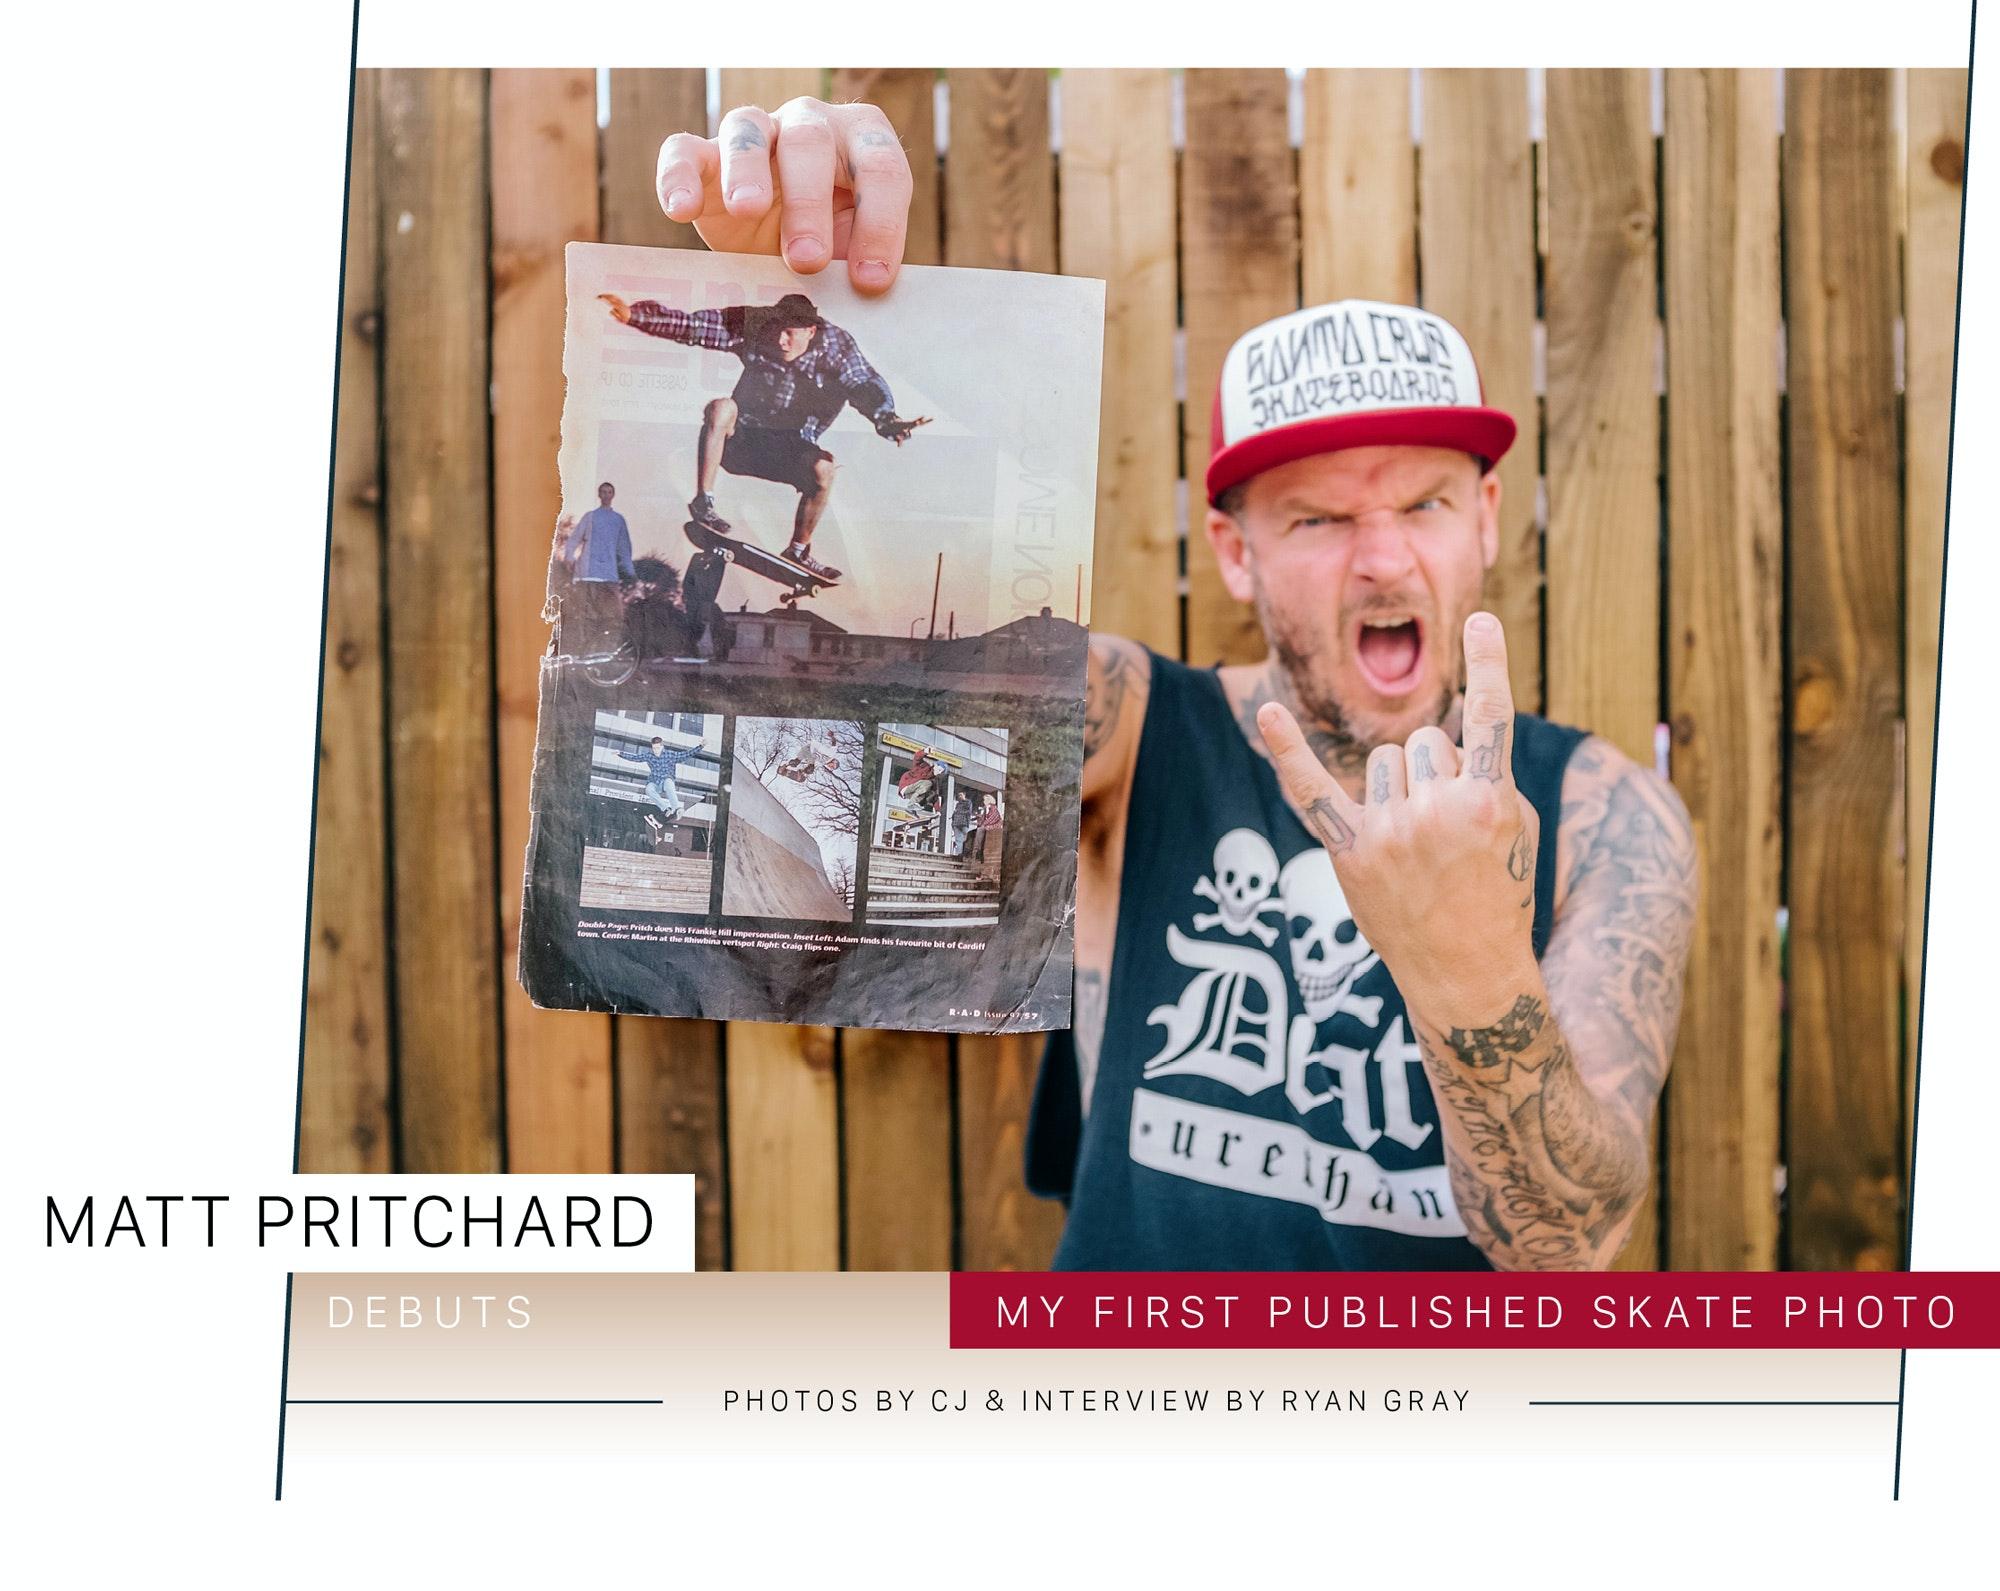 Debuts – Matt Pritchard